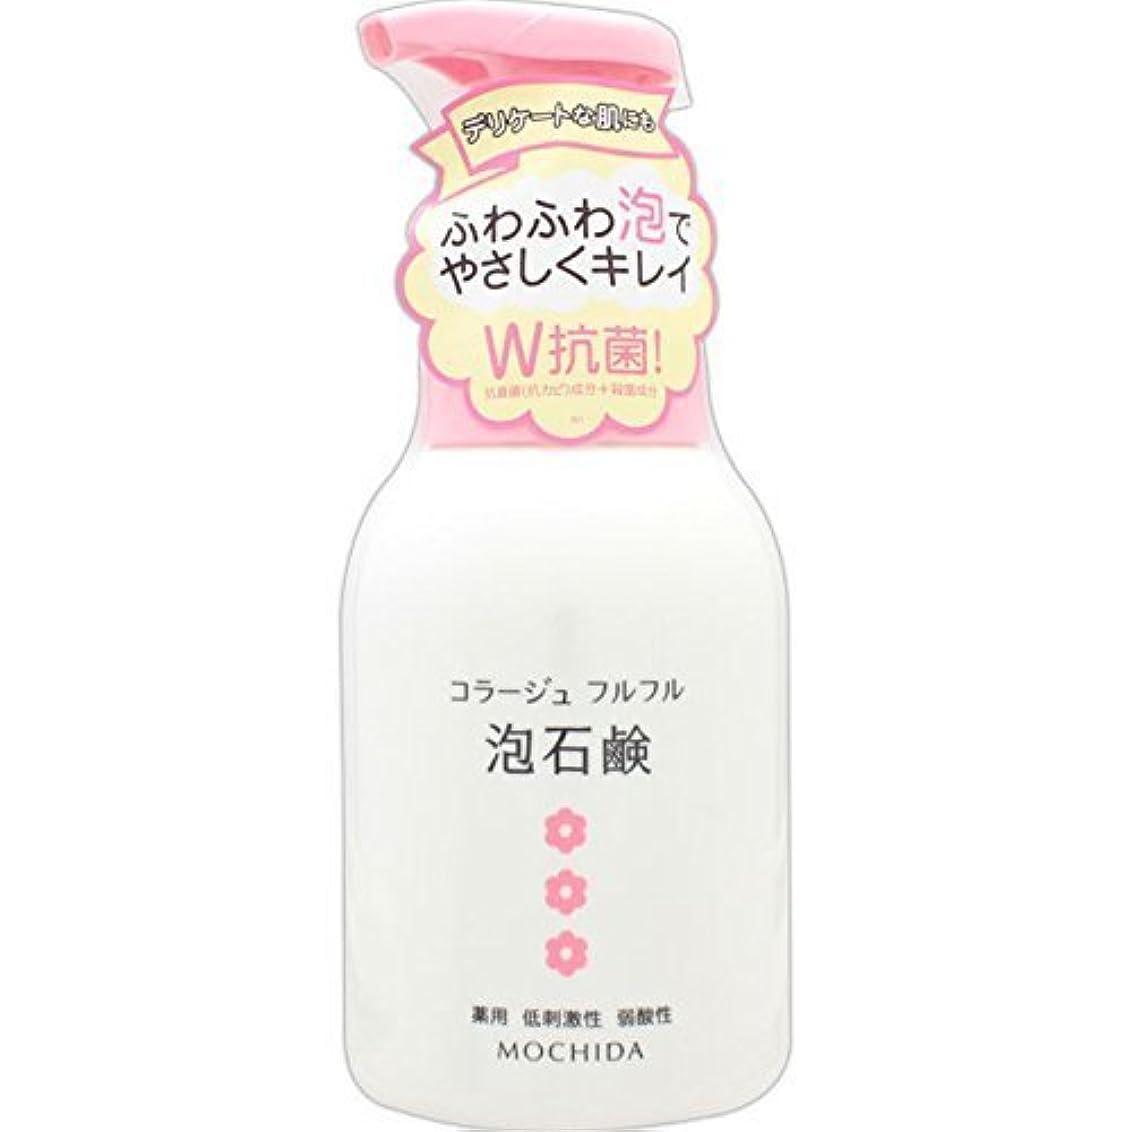 作るレンド許可するコラージュフルフル 泡石鹸 ピンク 300m L (医薬部外品) ×2